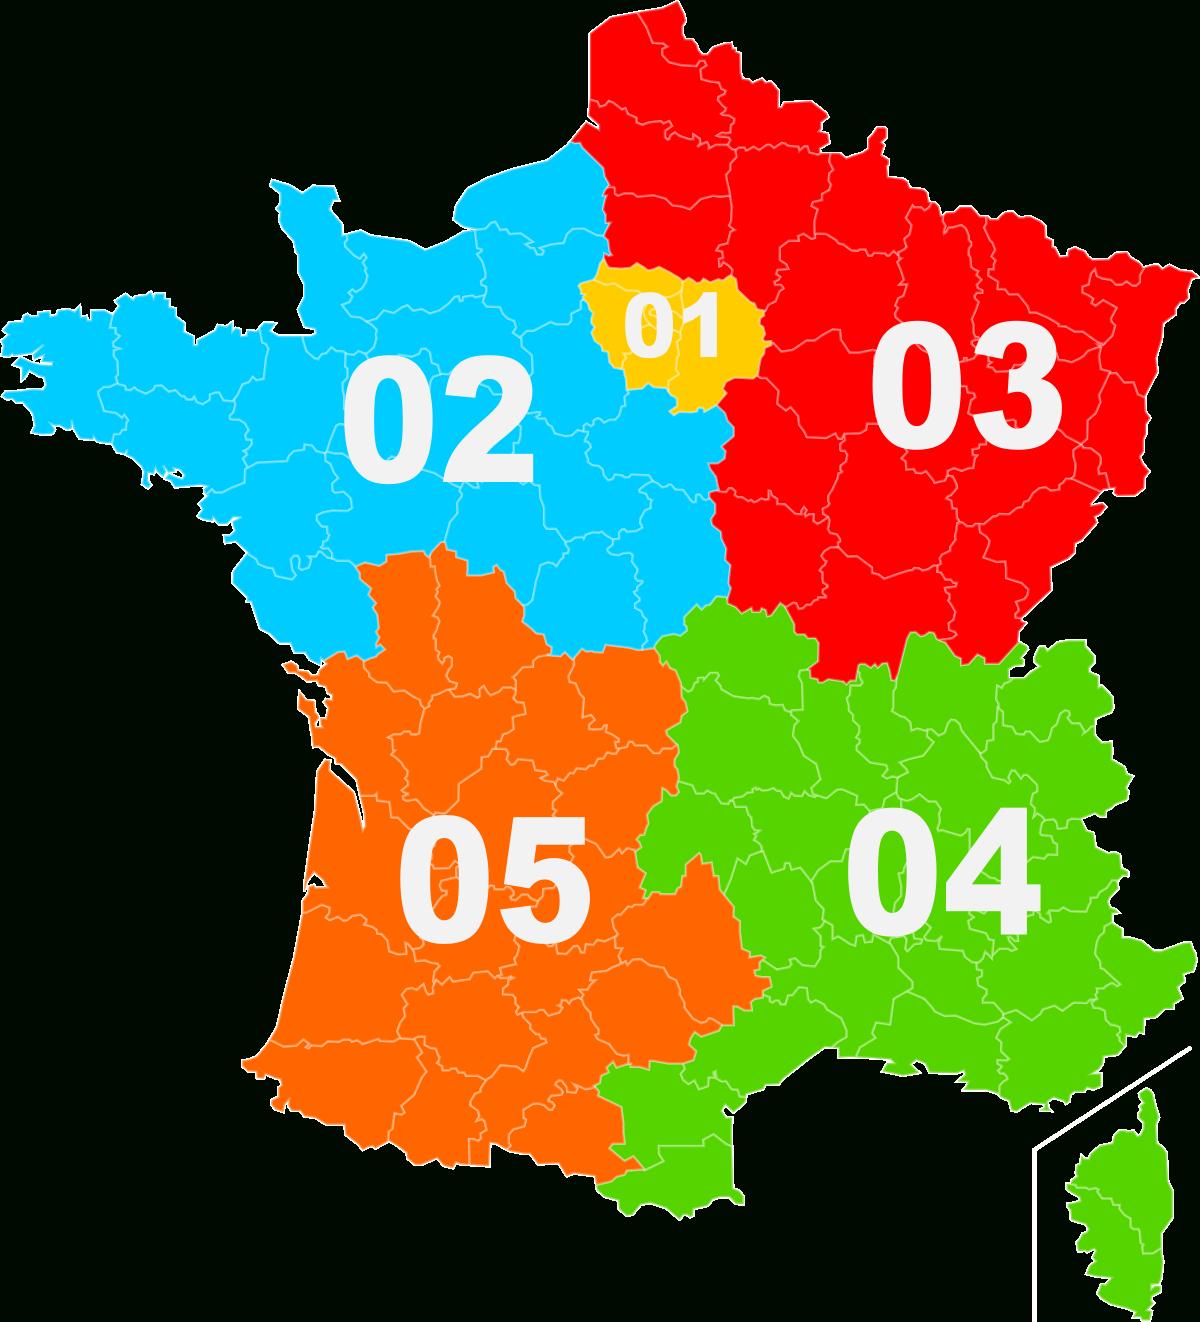 Liste Des Indicatifs Téléphoniques En France — Wikipédia intérieur Ile De France Département Numéro